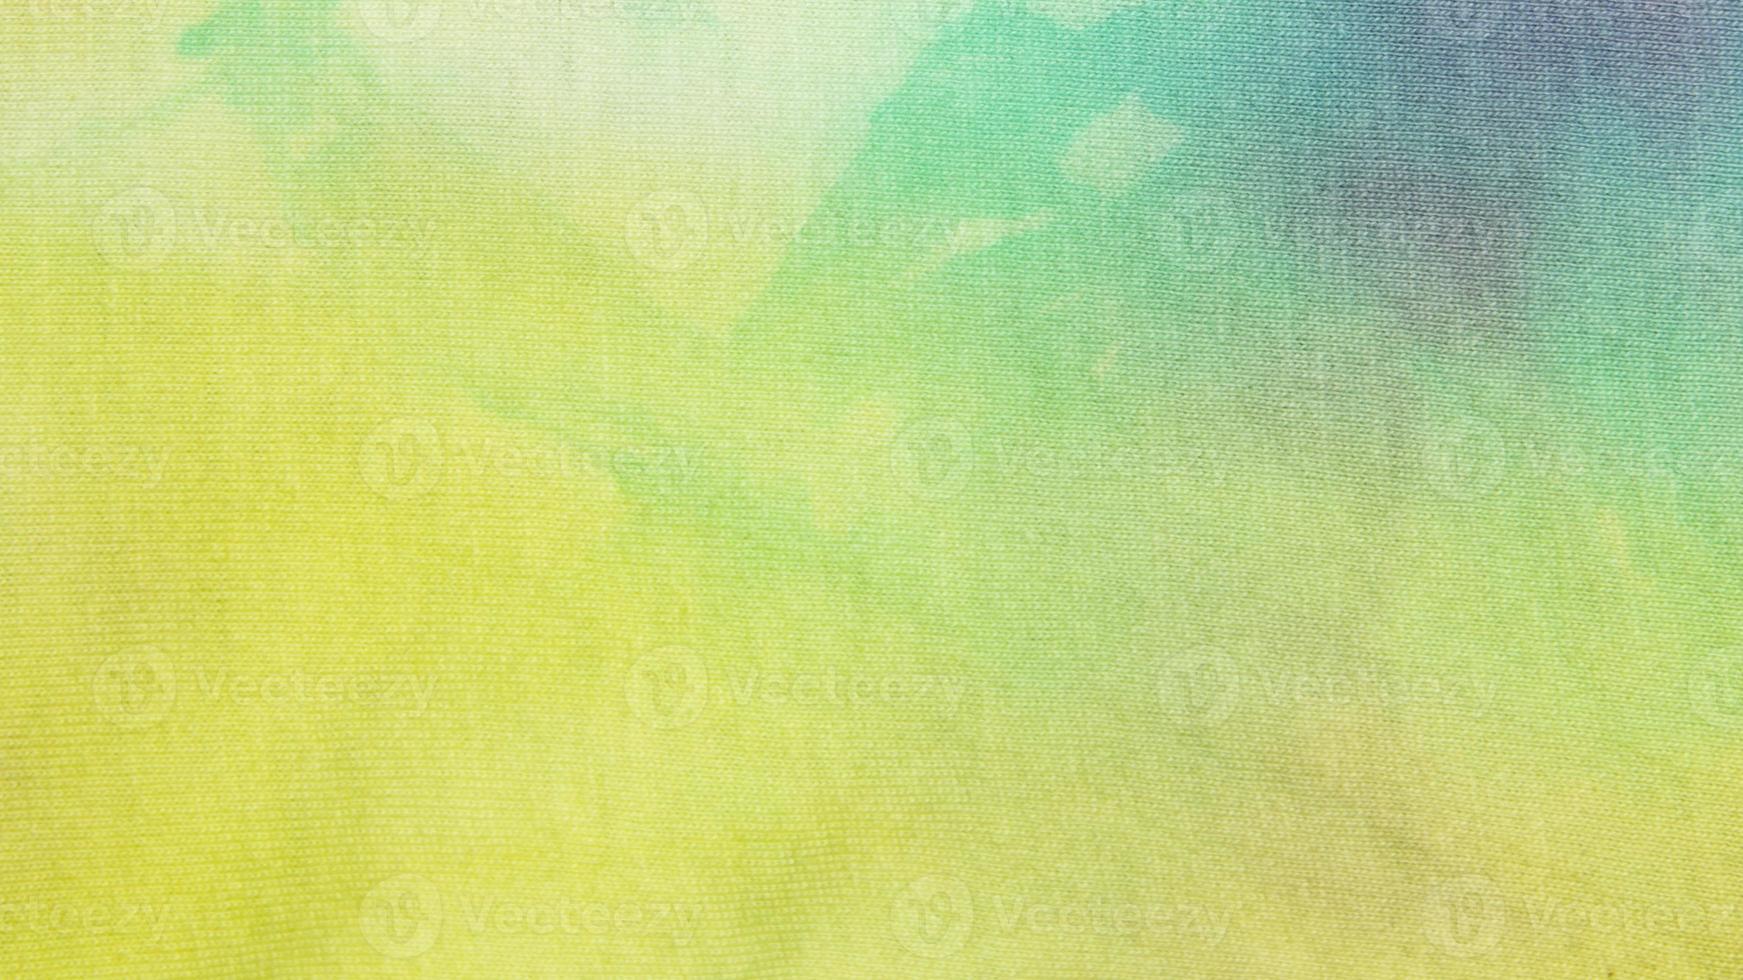 färgglada slipsfärg tyg konsistens foto